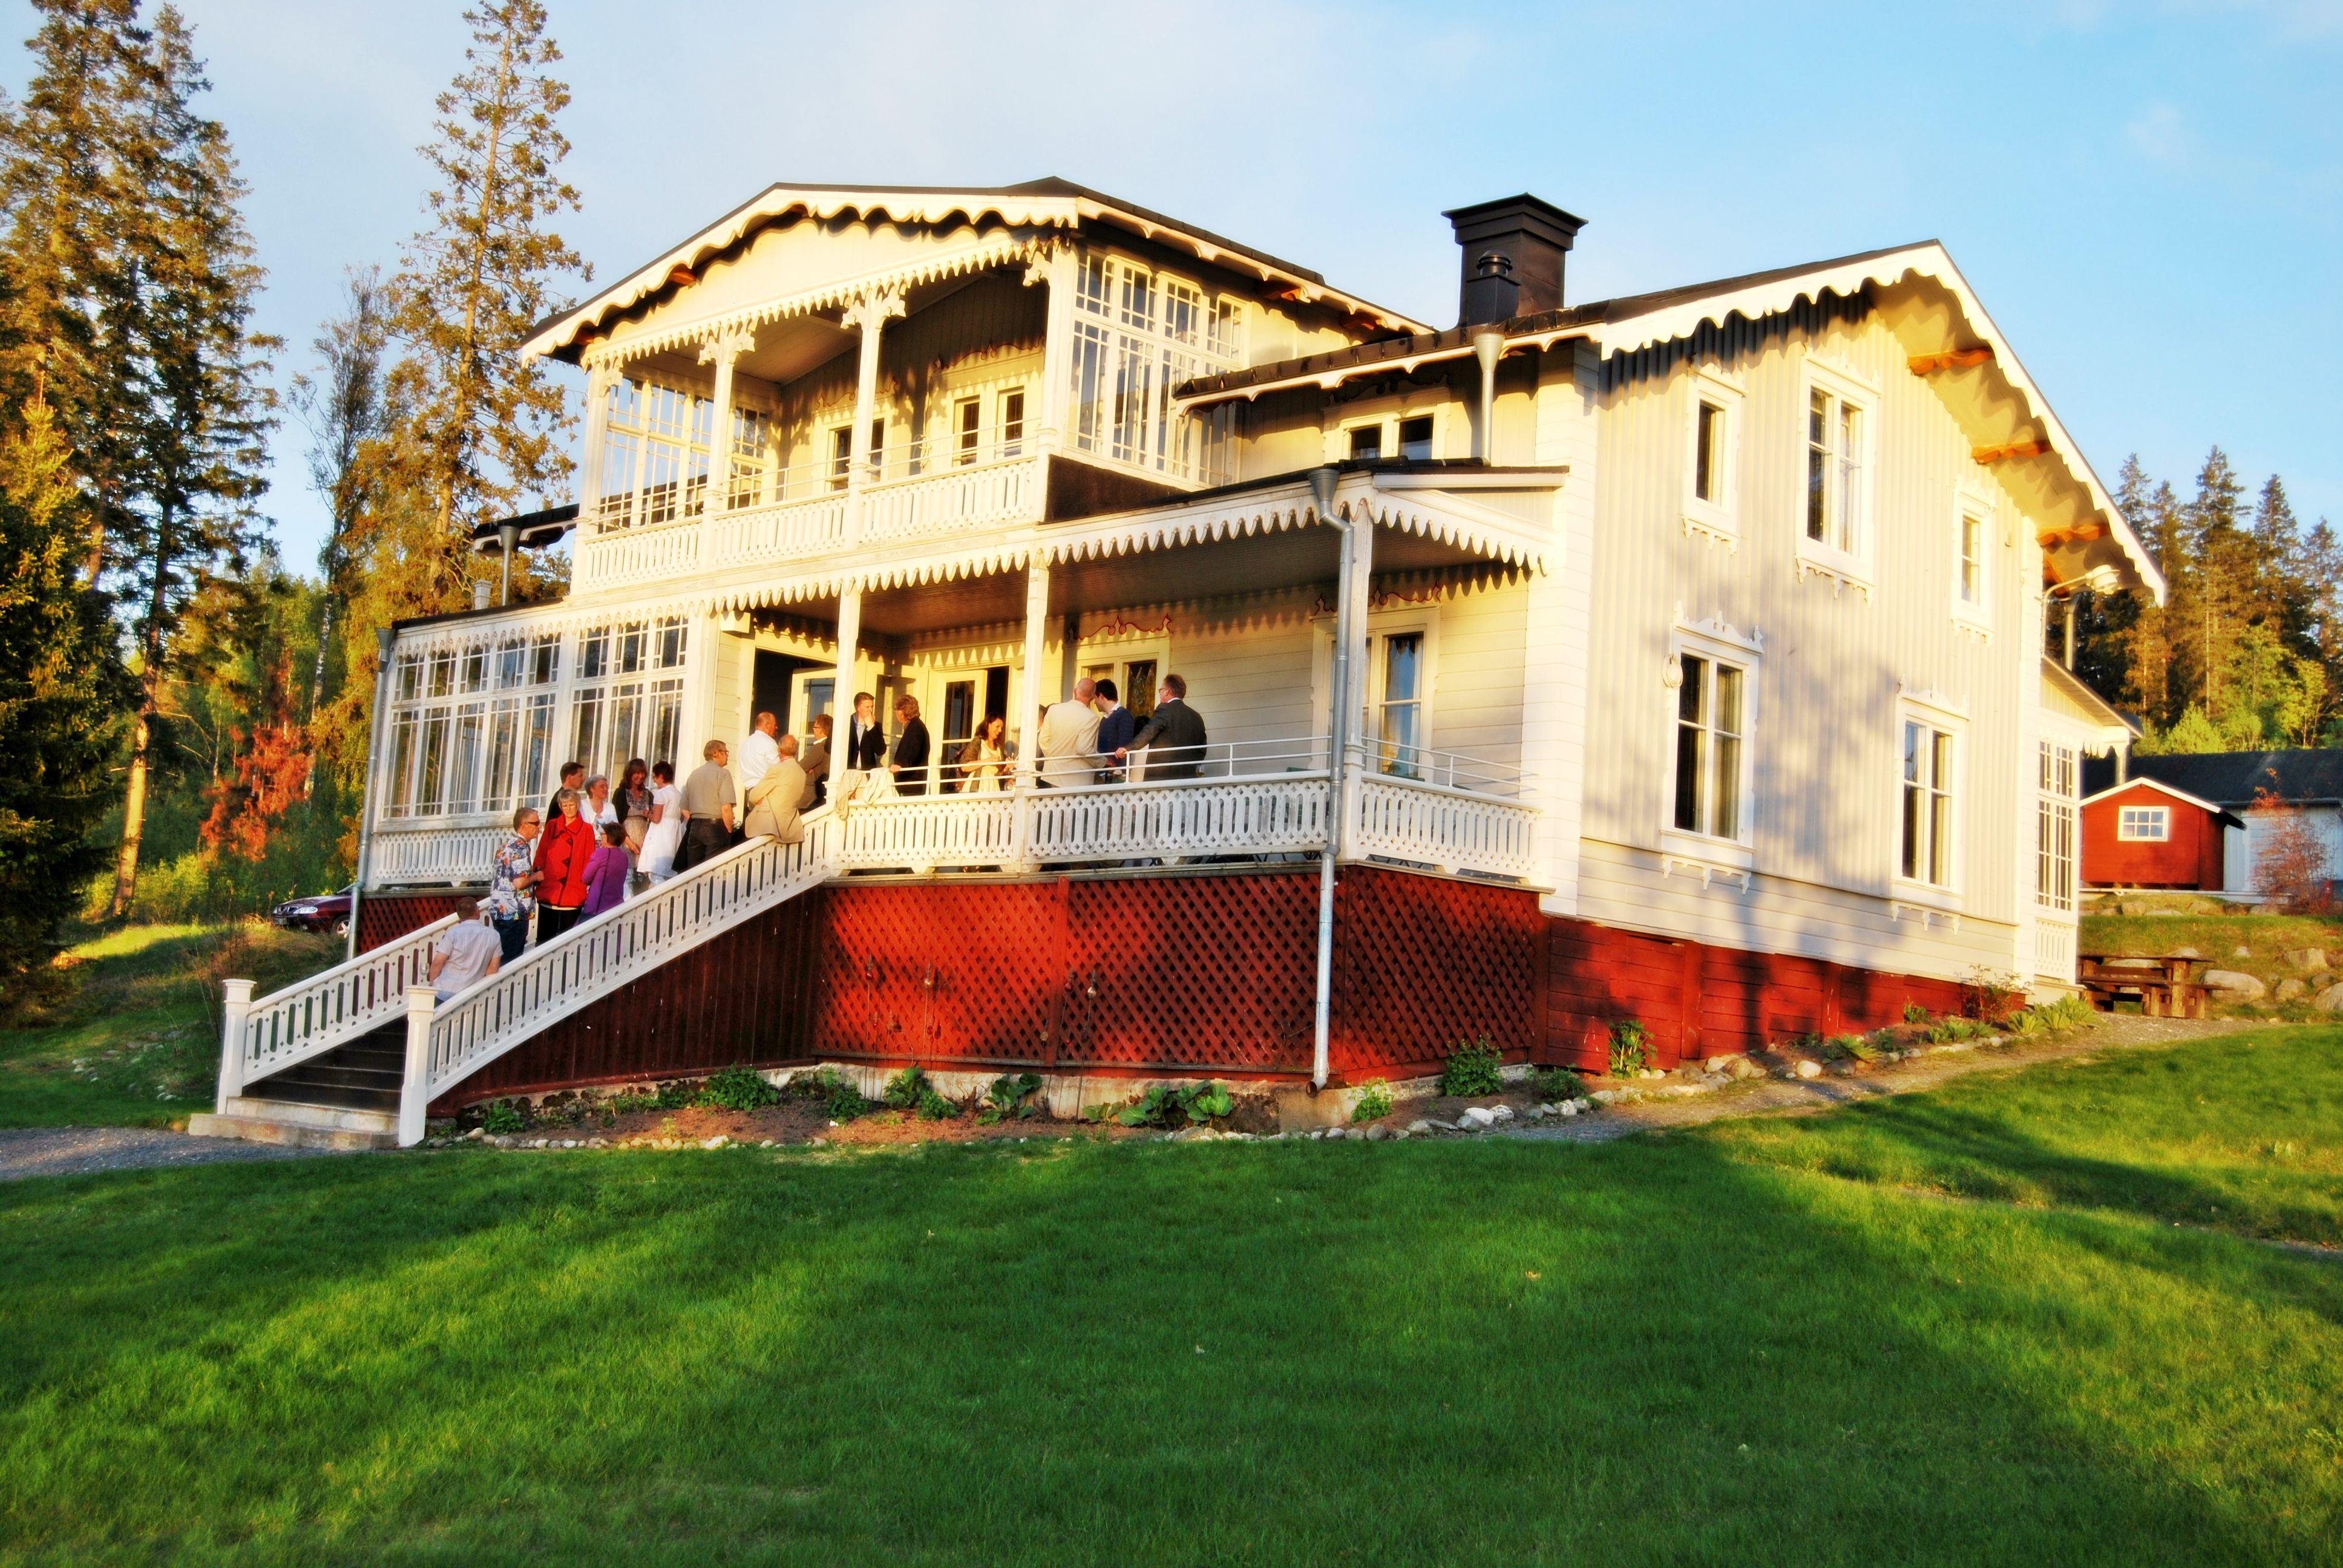 Bed & breakfast Villa Fridhem